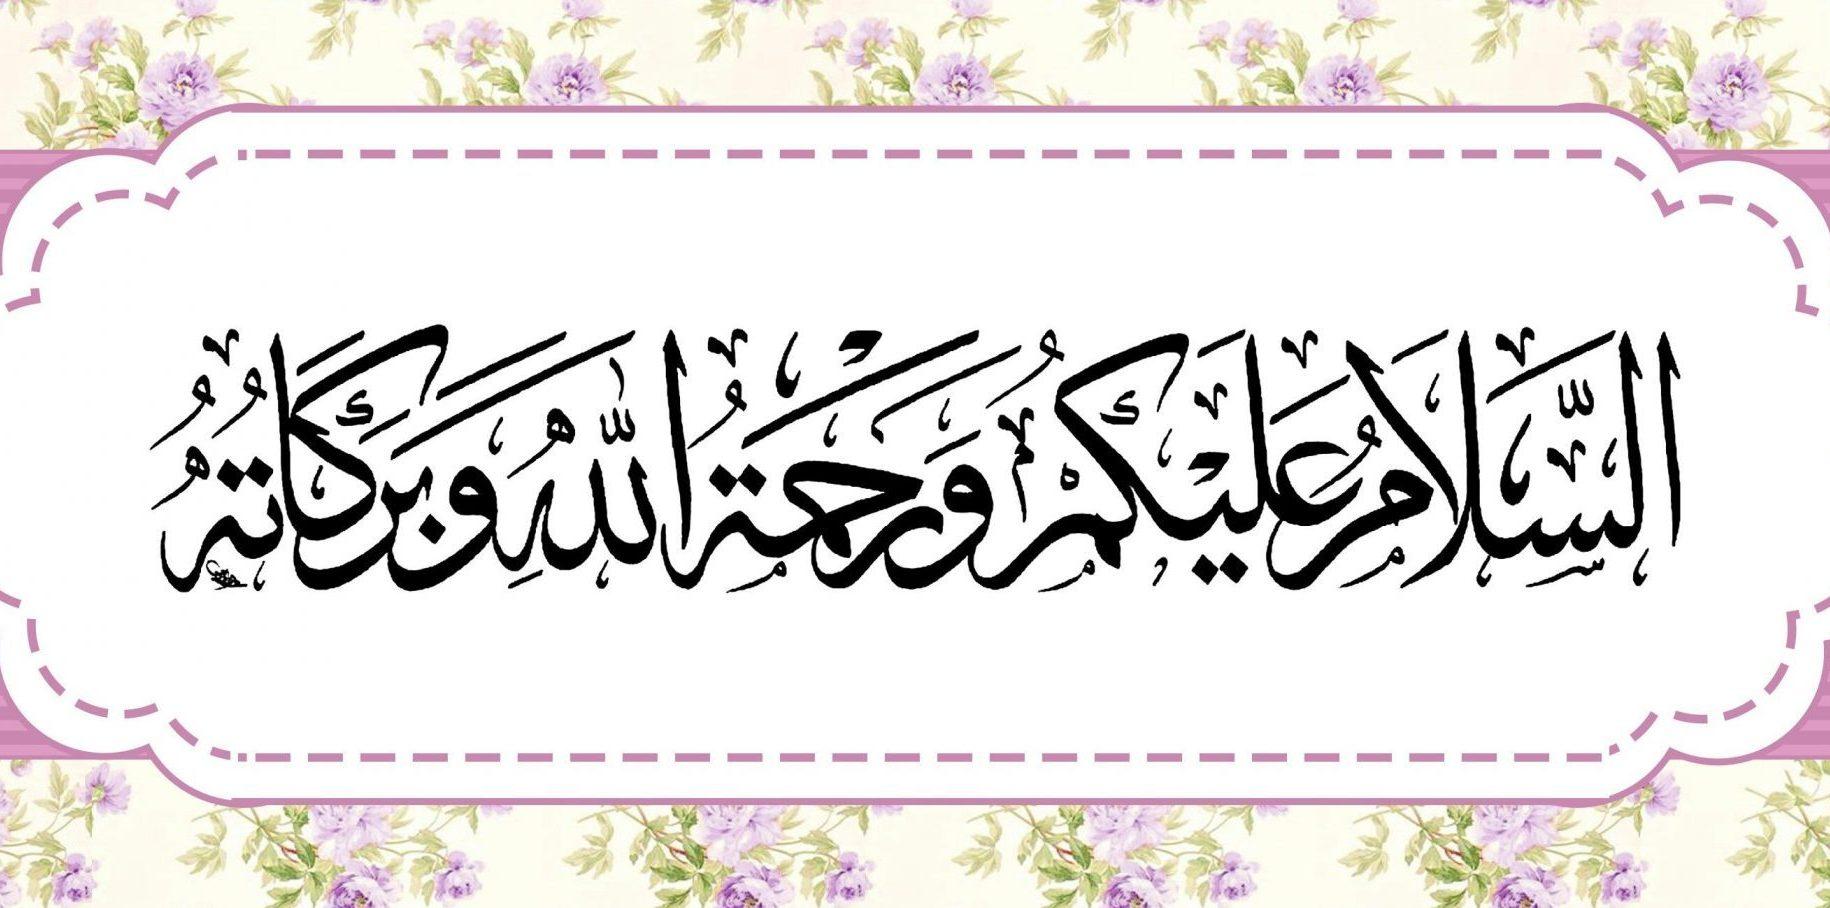 Inilah di antara Rahasia Keutamaan 'Salam'Dalam Islam bimbingan islam